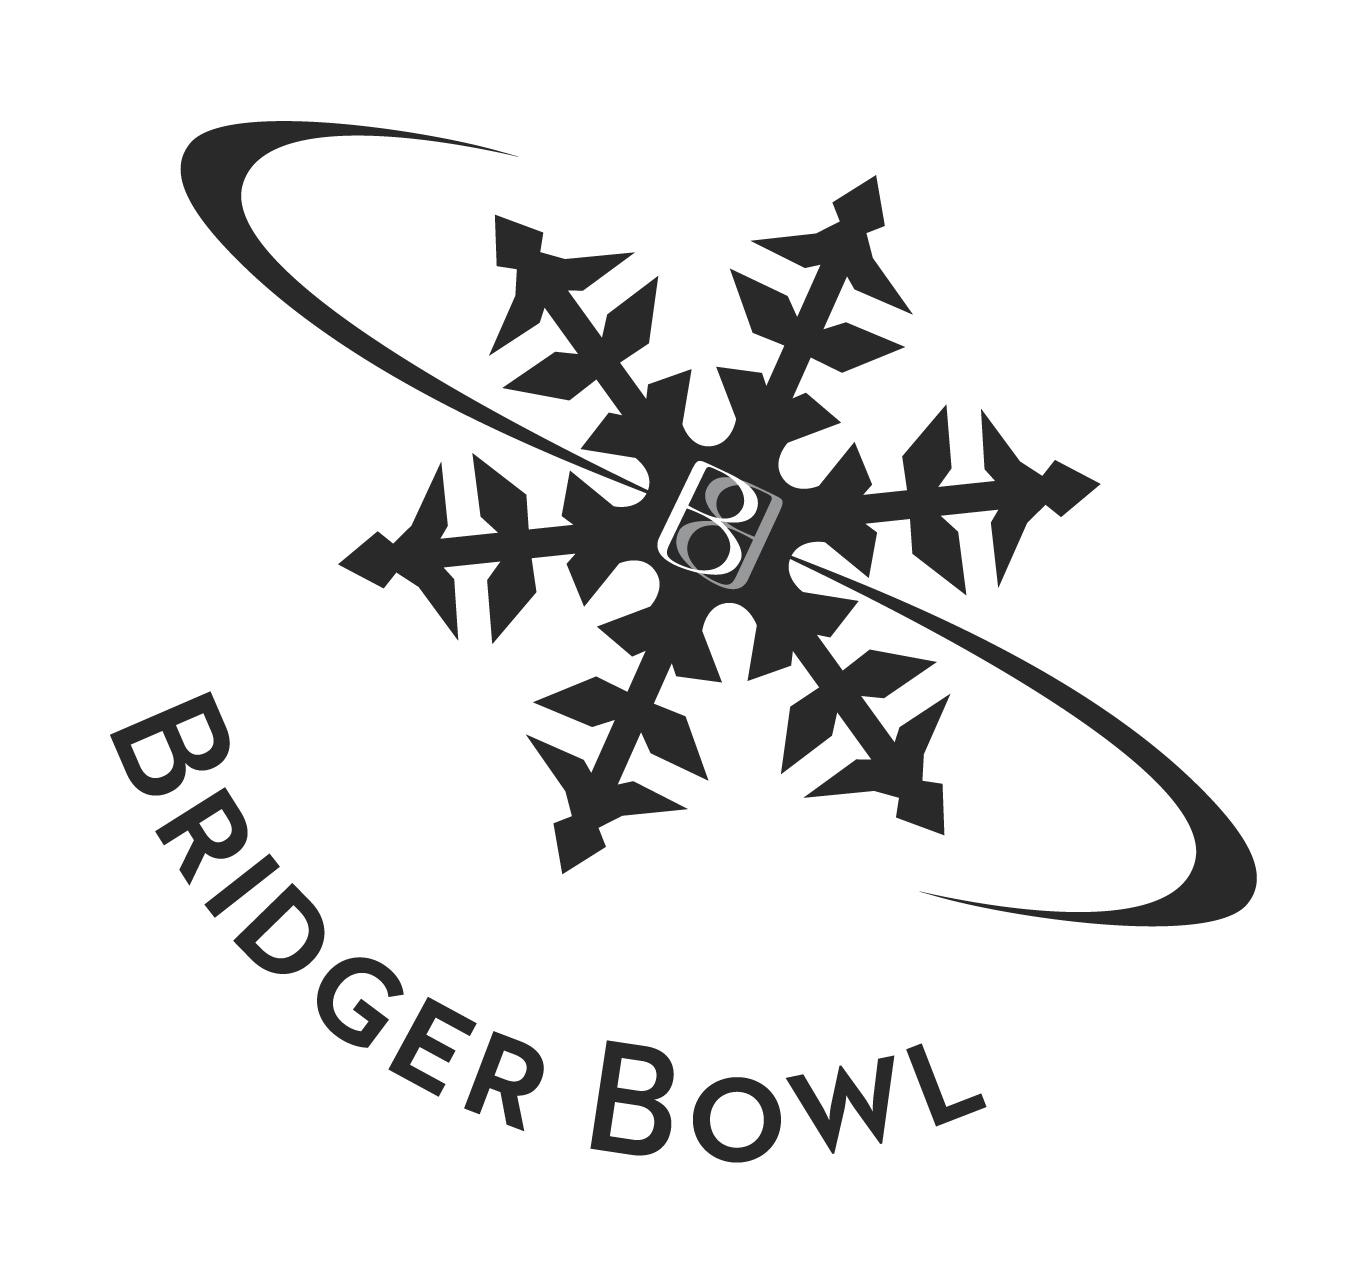 BridgerBowlLogo.jpg